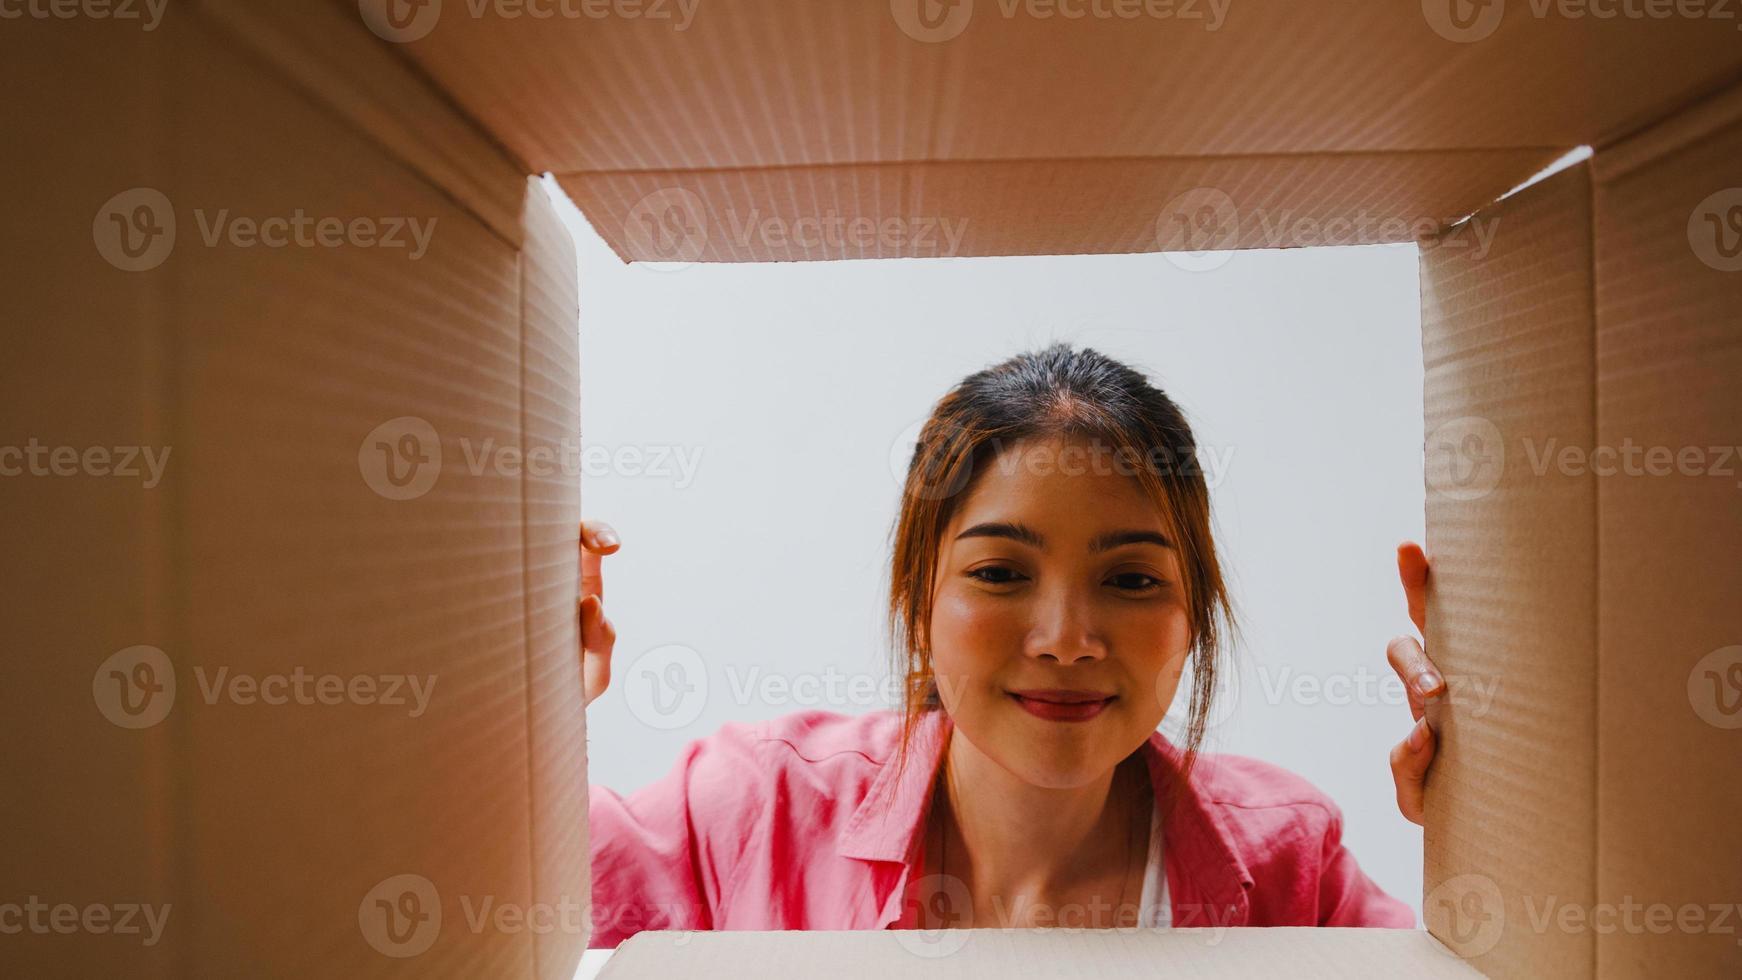 Une jeune femme asiatique excitée déballe l'ouverture d'une énorme boîte en carton et regarde à l'intérieur d'un nouveau cadeau à la maison. heureuse cliente du millénaire satisfaite de l'achat commandé. concept de livraison et d'achat en ligne. photo